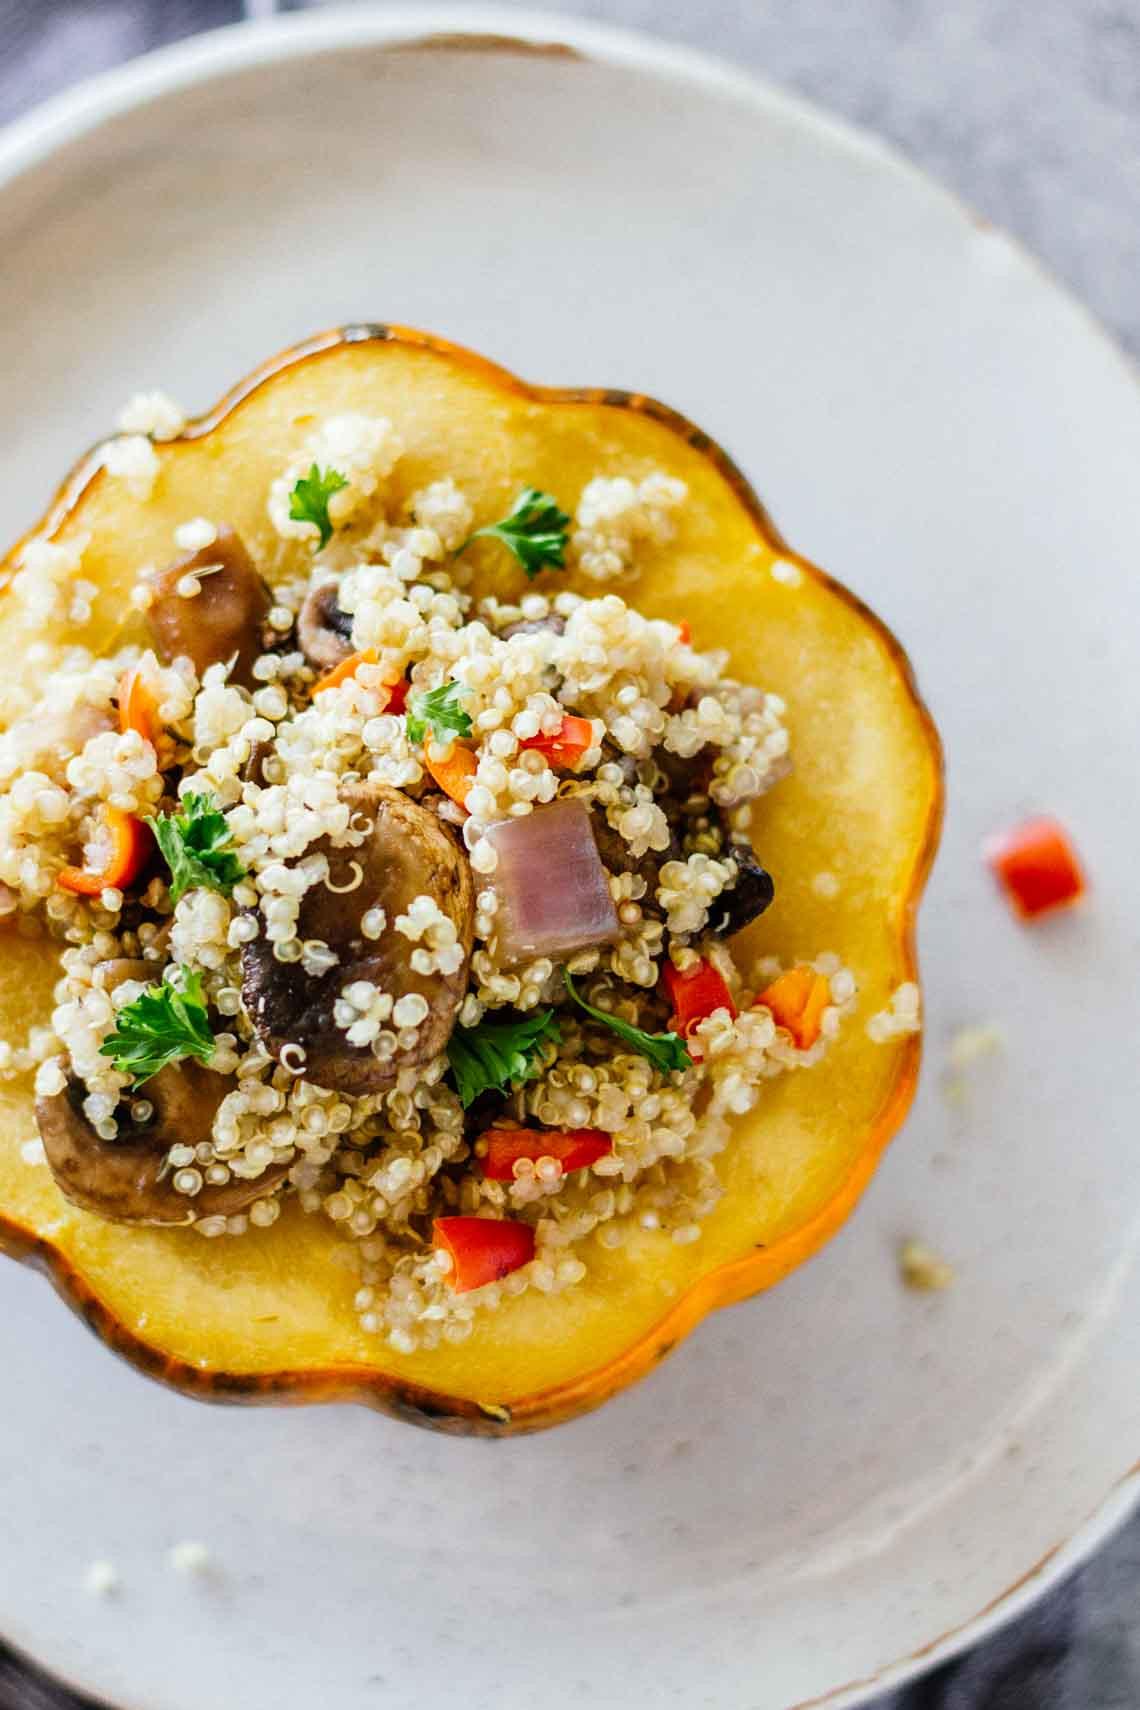 Vegetarian Acorn Squash Recipes  healthy vegan acorn squash recipes